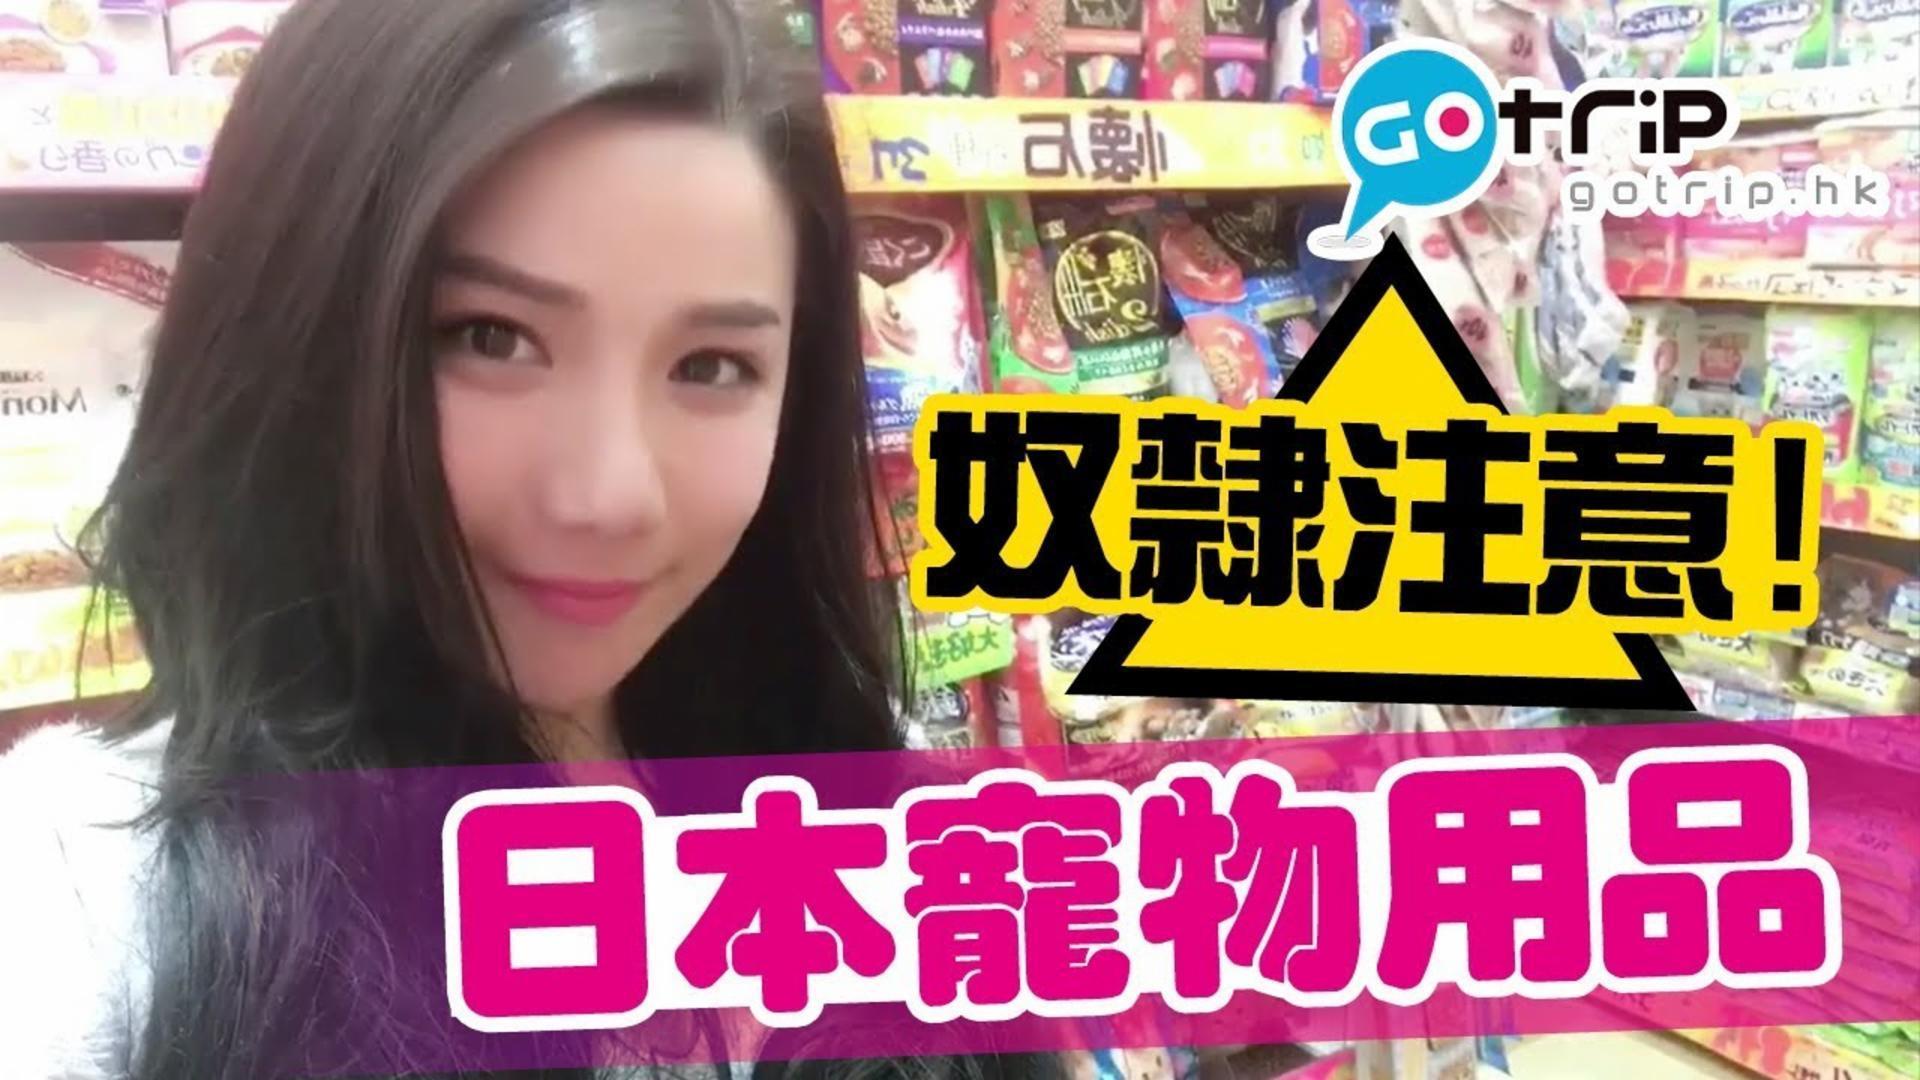 日本 貓奴必入寵物用品店 有了這個盡得主子歡心【學做日本人】Ep.9